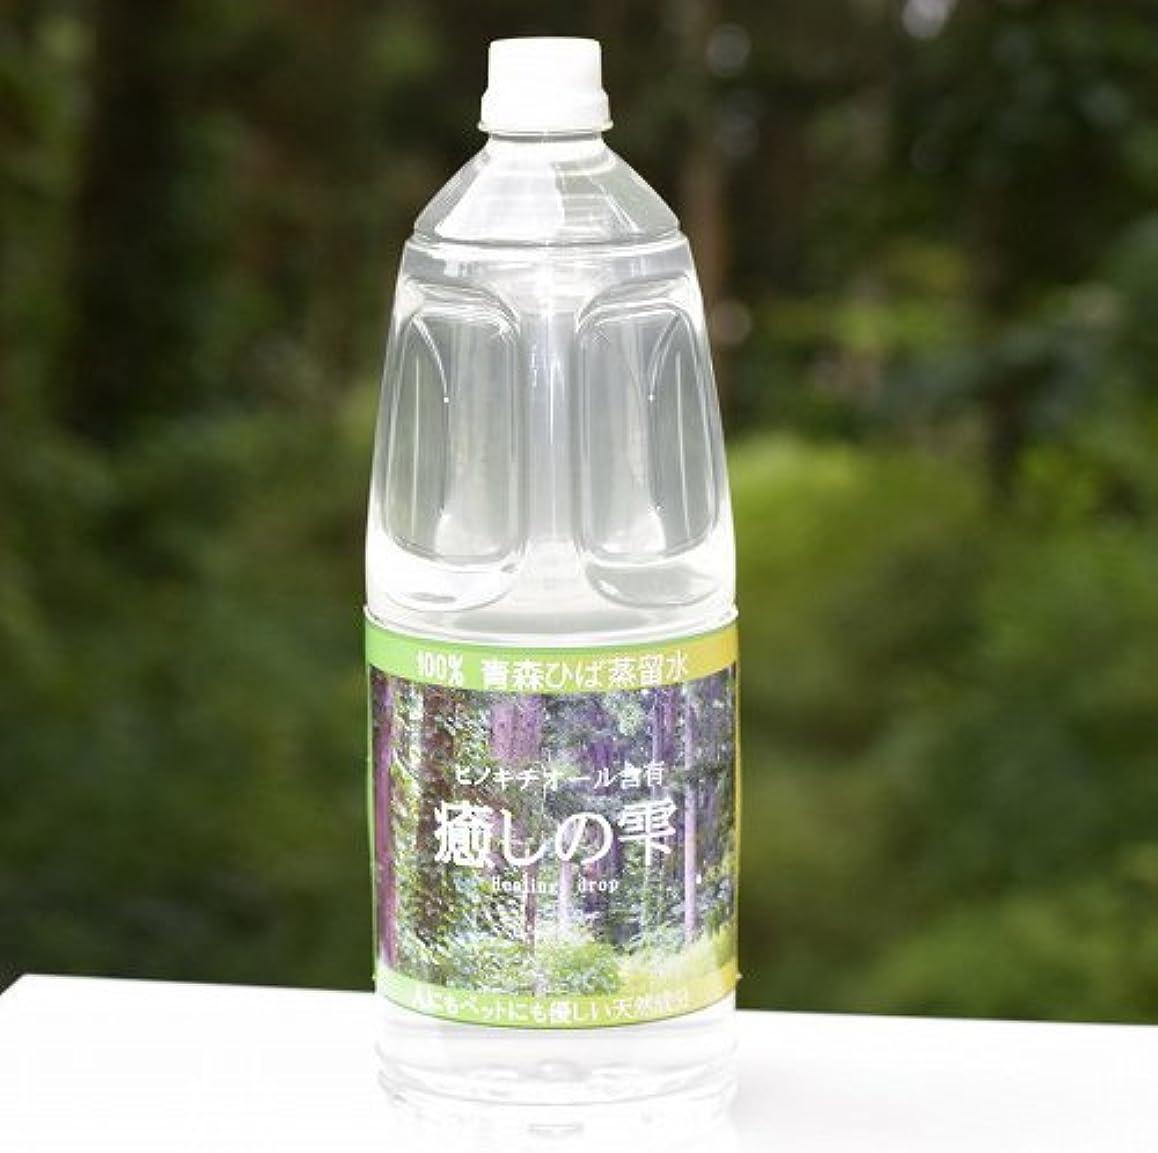 キャビン本物の感じ青森ひば 天然ヒバ水 癒しの雫 蒸留水 送料無料 1.8L×1本 お試し